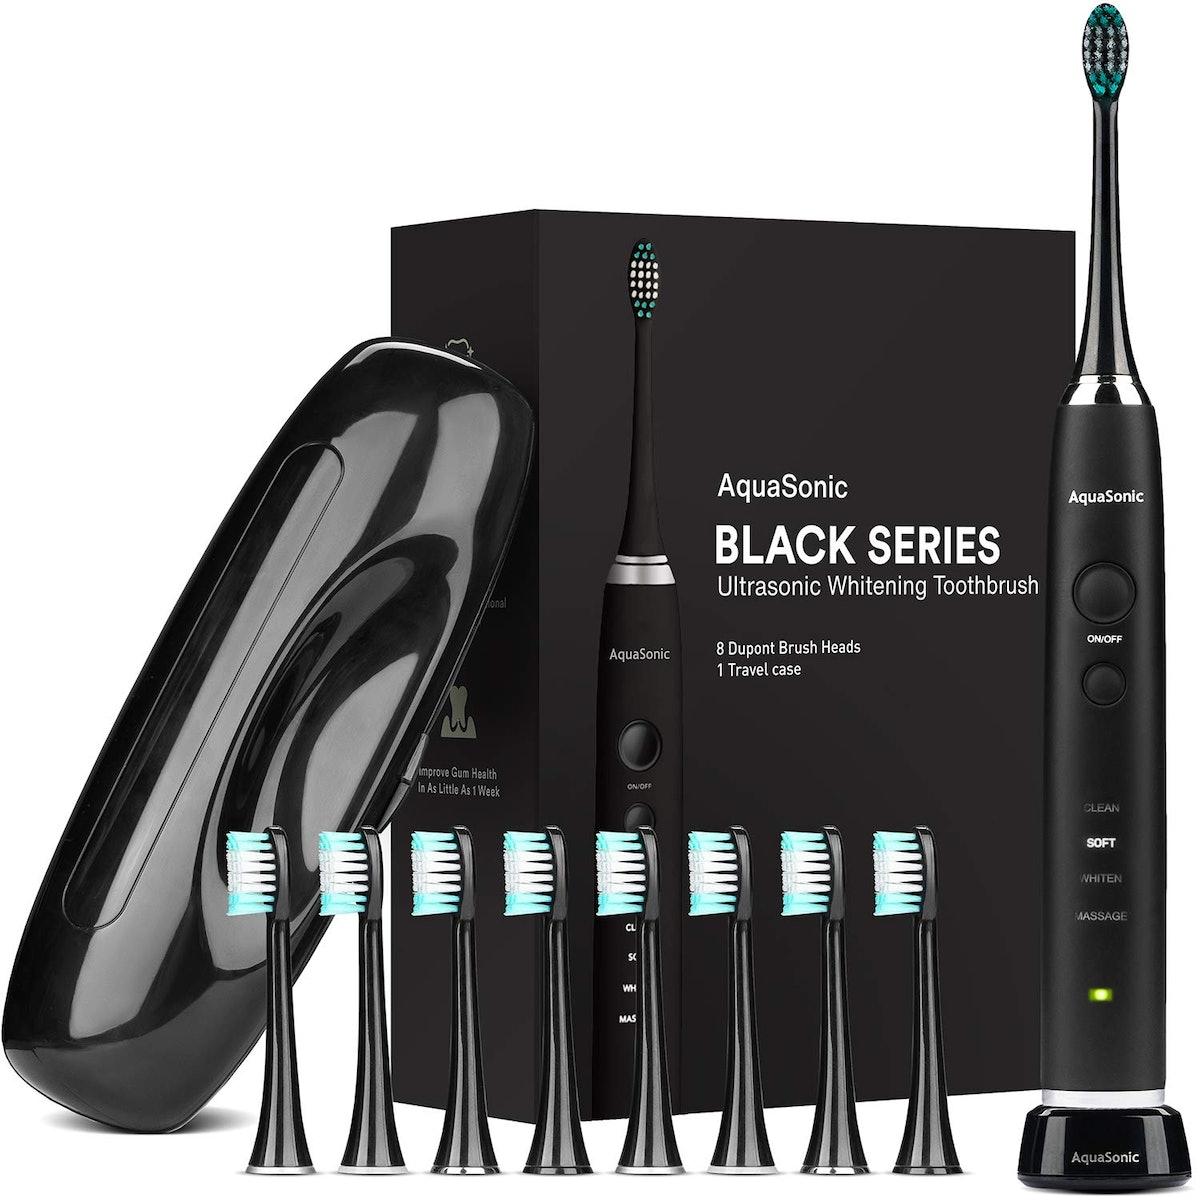 AquaSonic Ultra Whitening Toothbrush